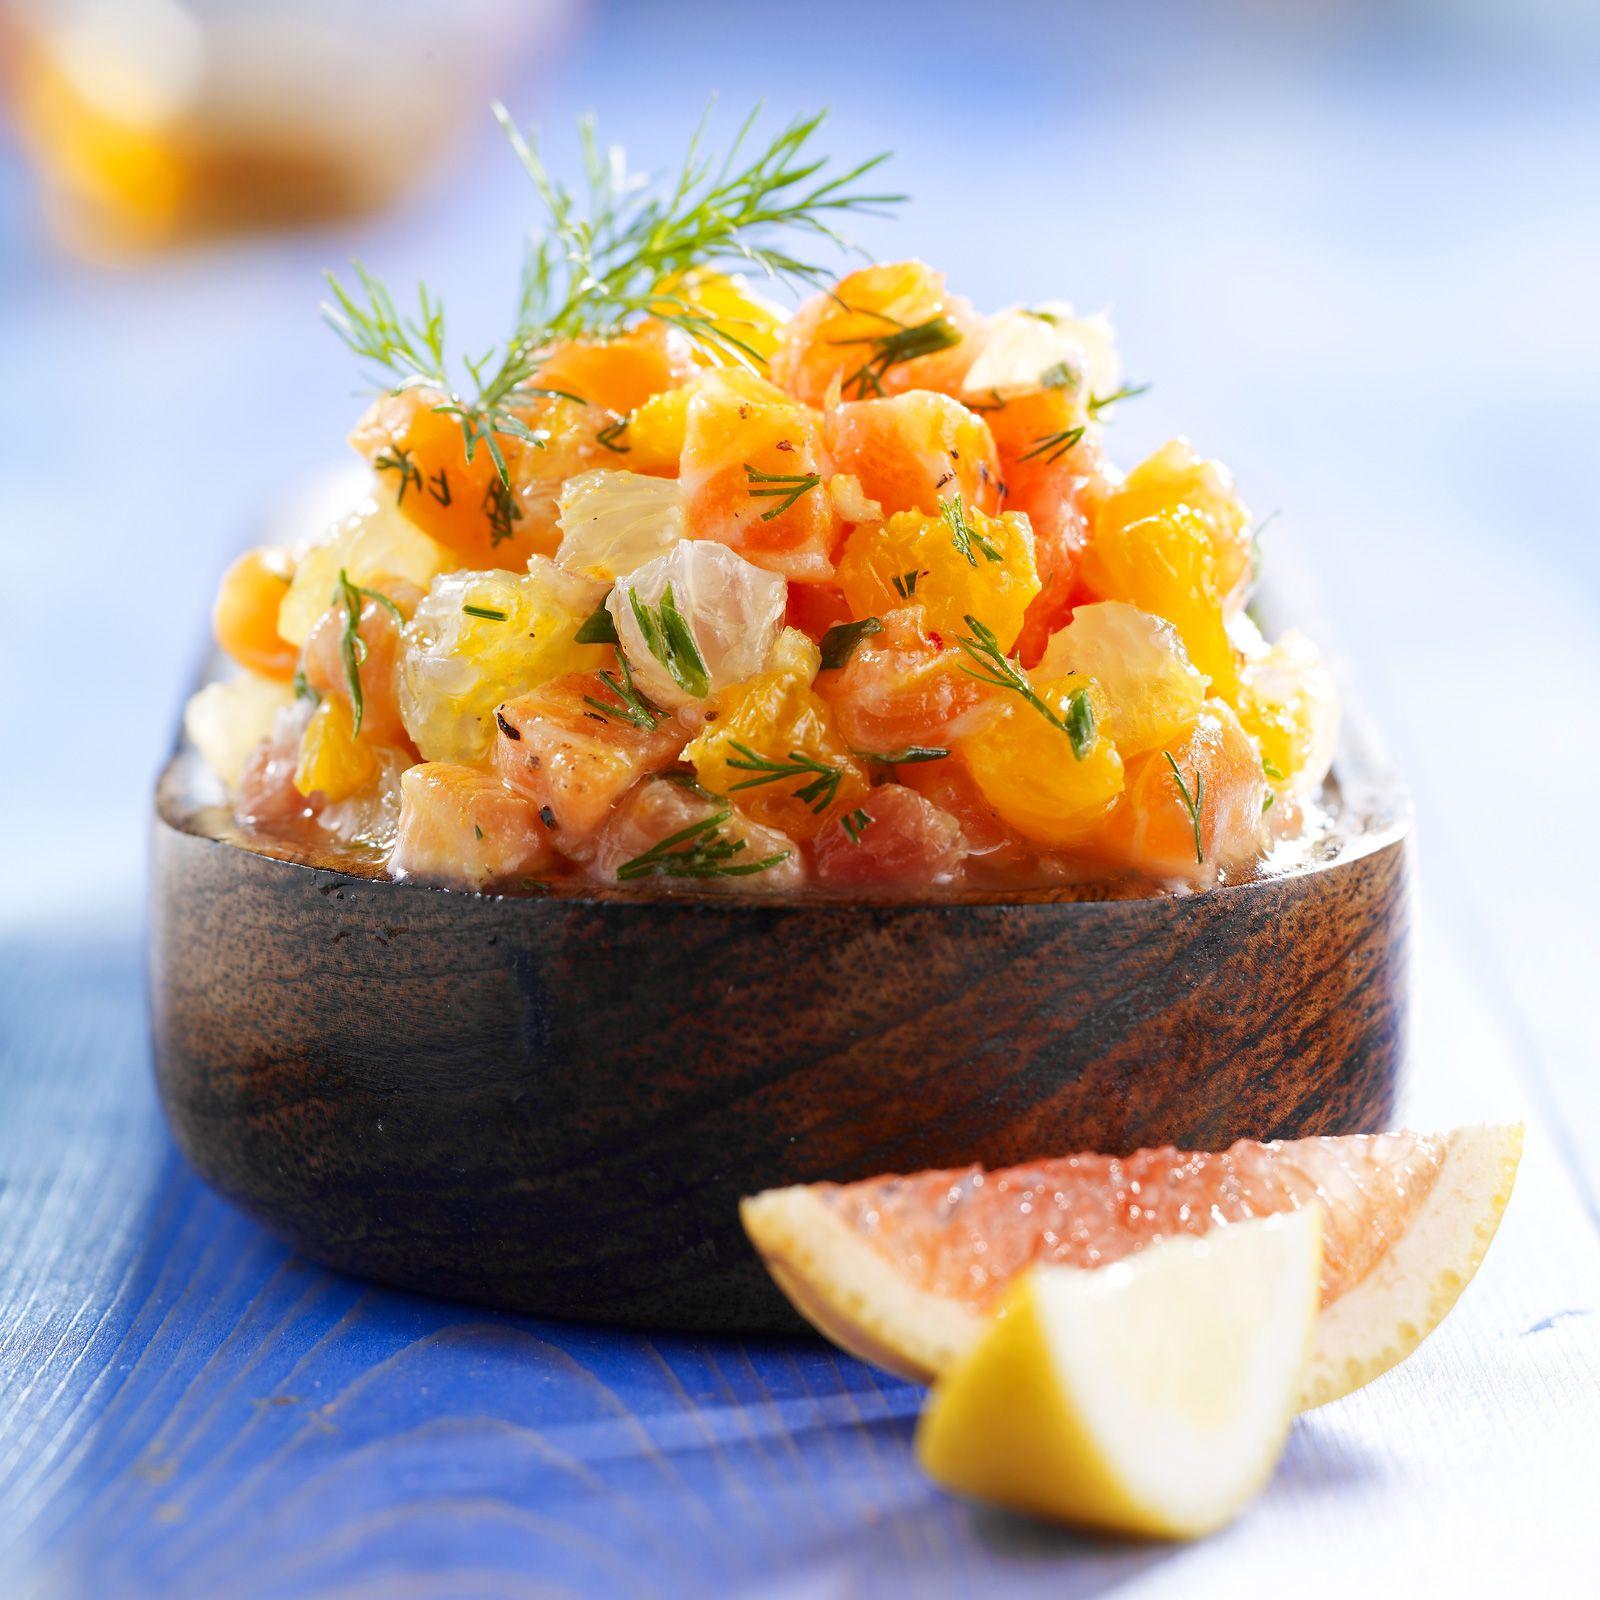 Tartare De Saumon Aux Agrumes Recette Recette Saumon Recette